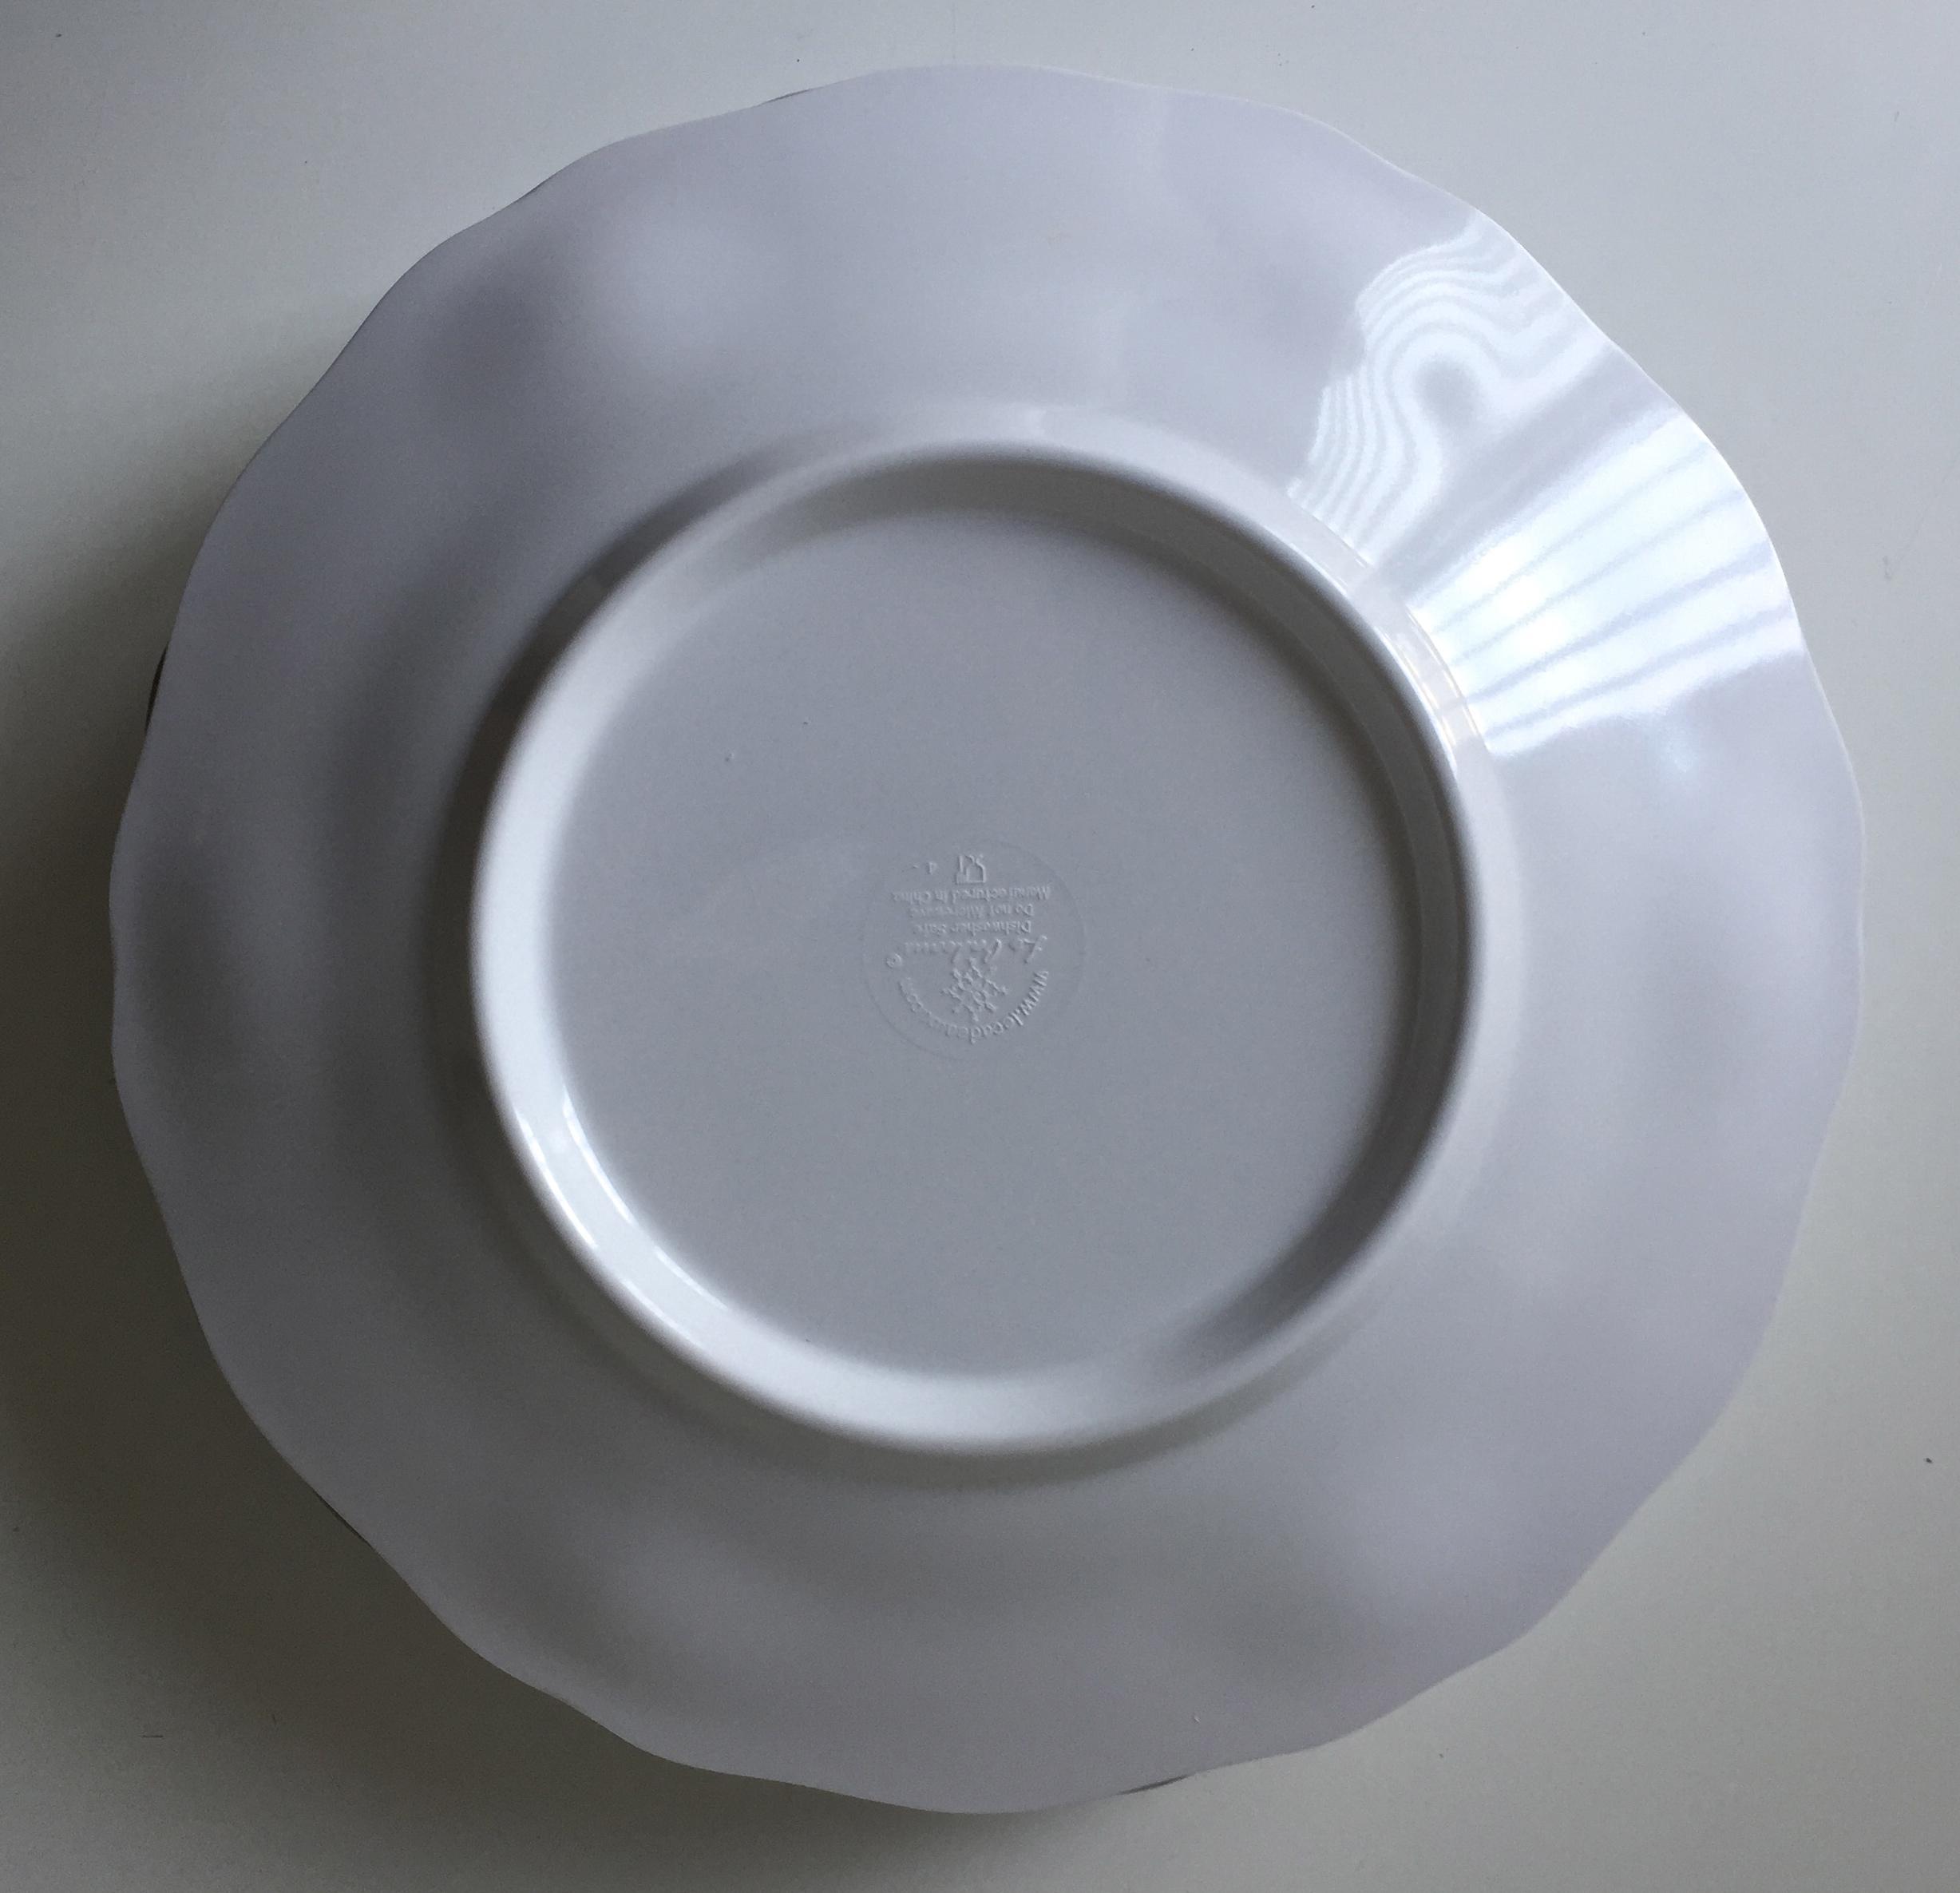 Le Cadeaux \ Provence\  White Melamine Plates - Set of 5 - Image ... & Le Cadeaux \